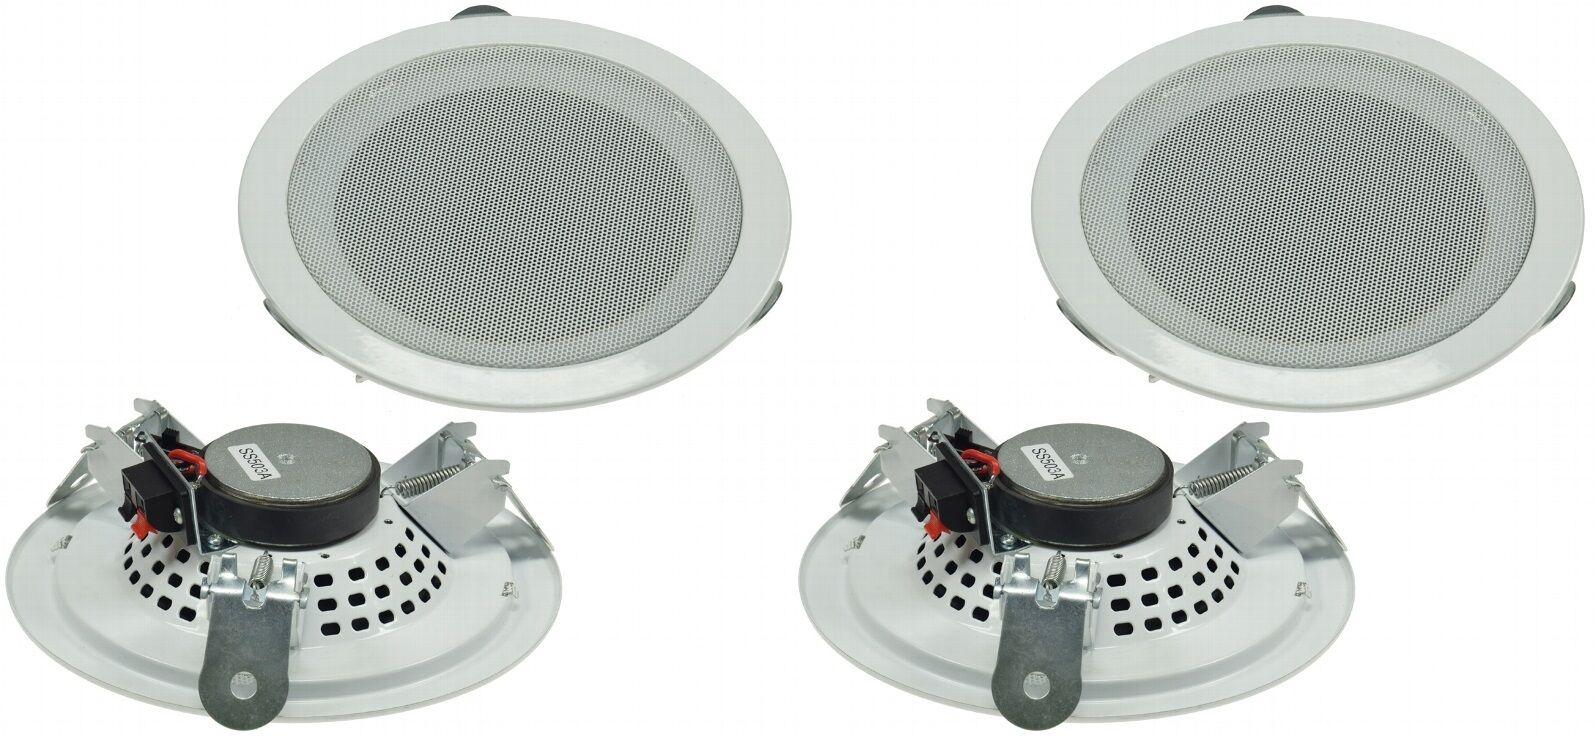 4 x Einbaulautsprecher Decken Lautsprecher weiß Ø 179mm 80 Watt 8 Ohm 21404